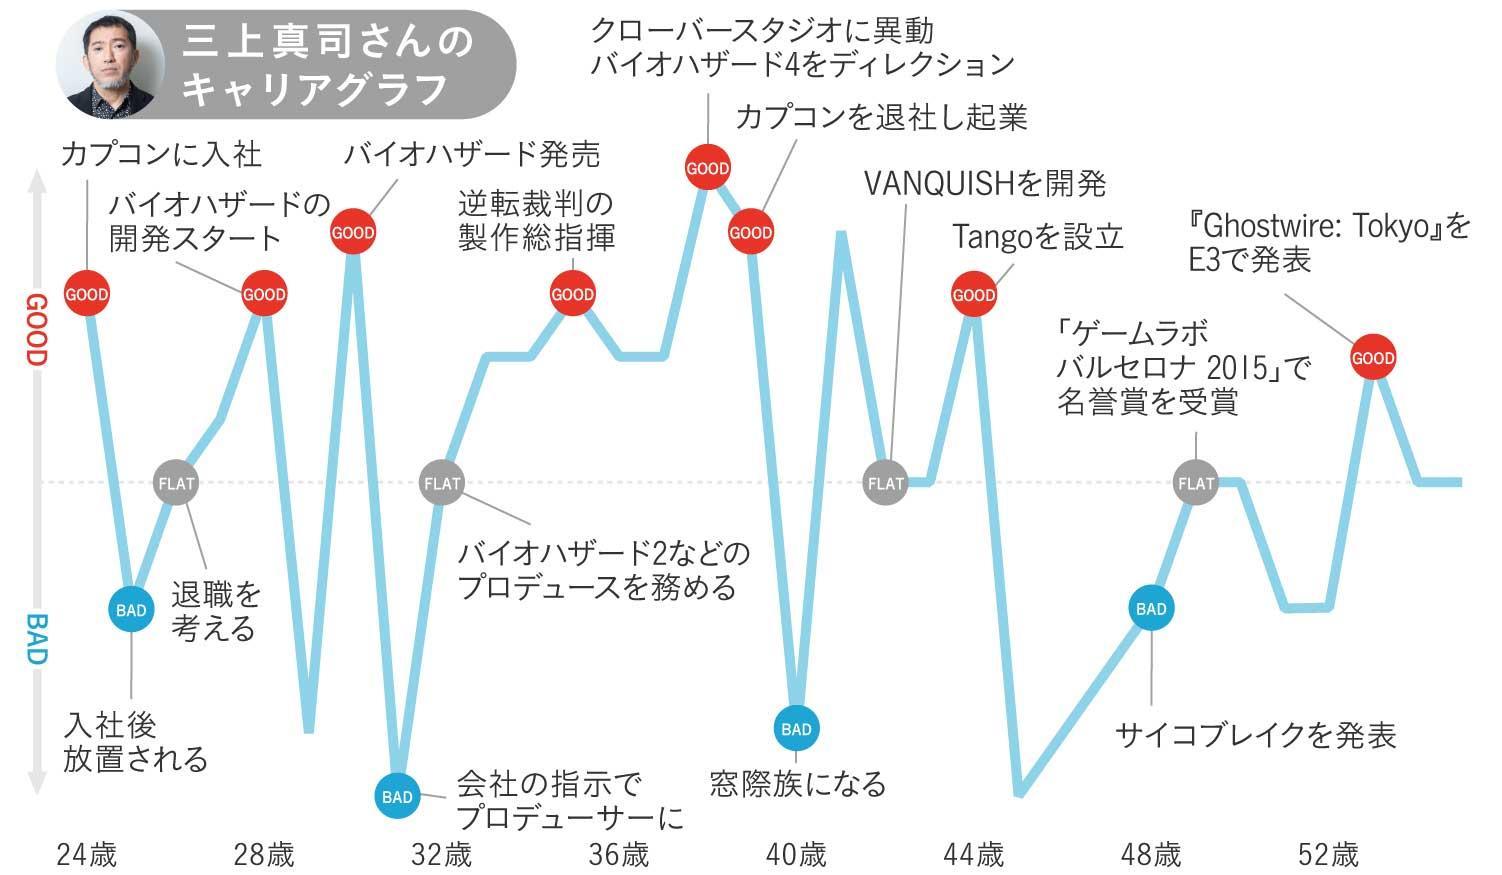 三上真司さんのキャリアグラフ1